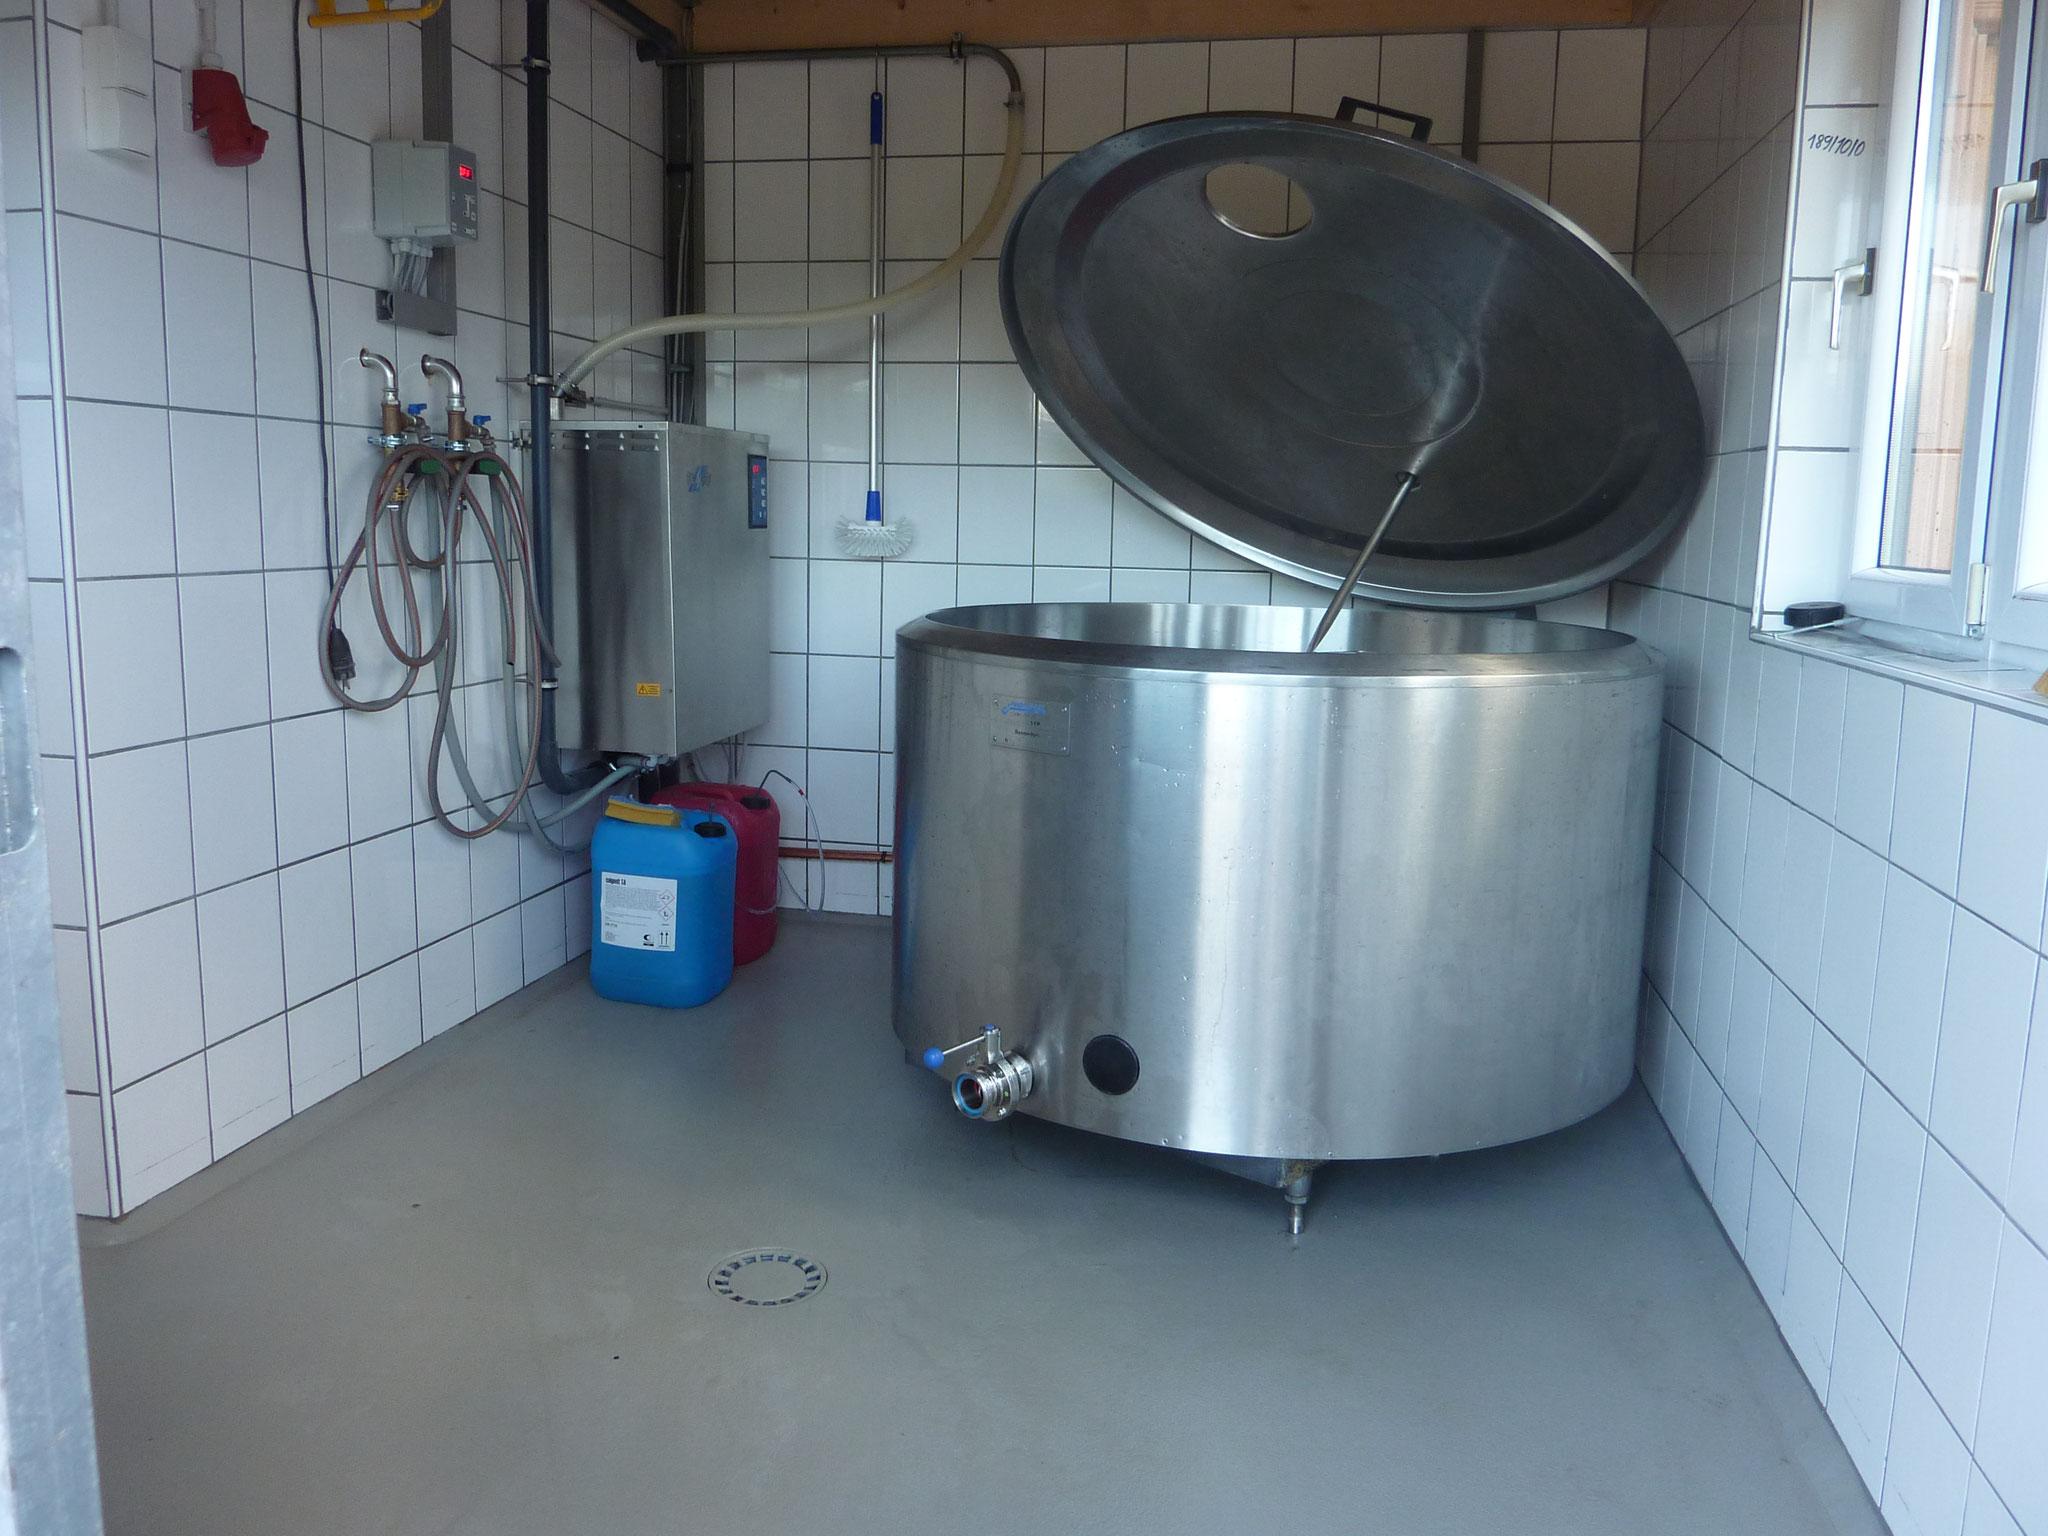 Milchtank - da hat ne Menge Platz